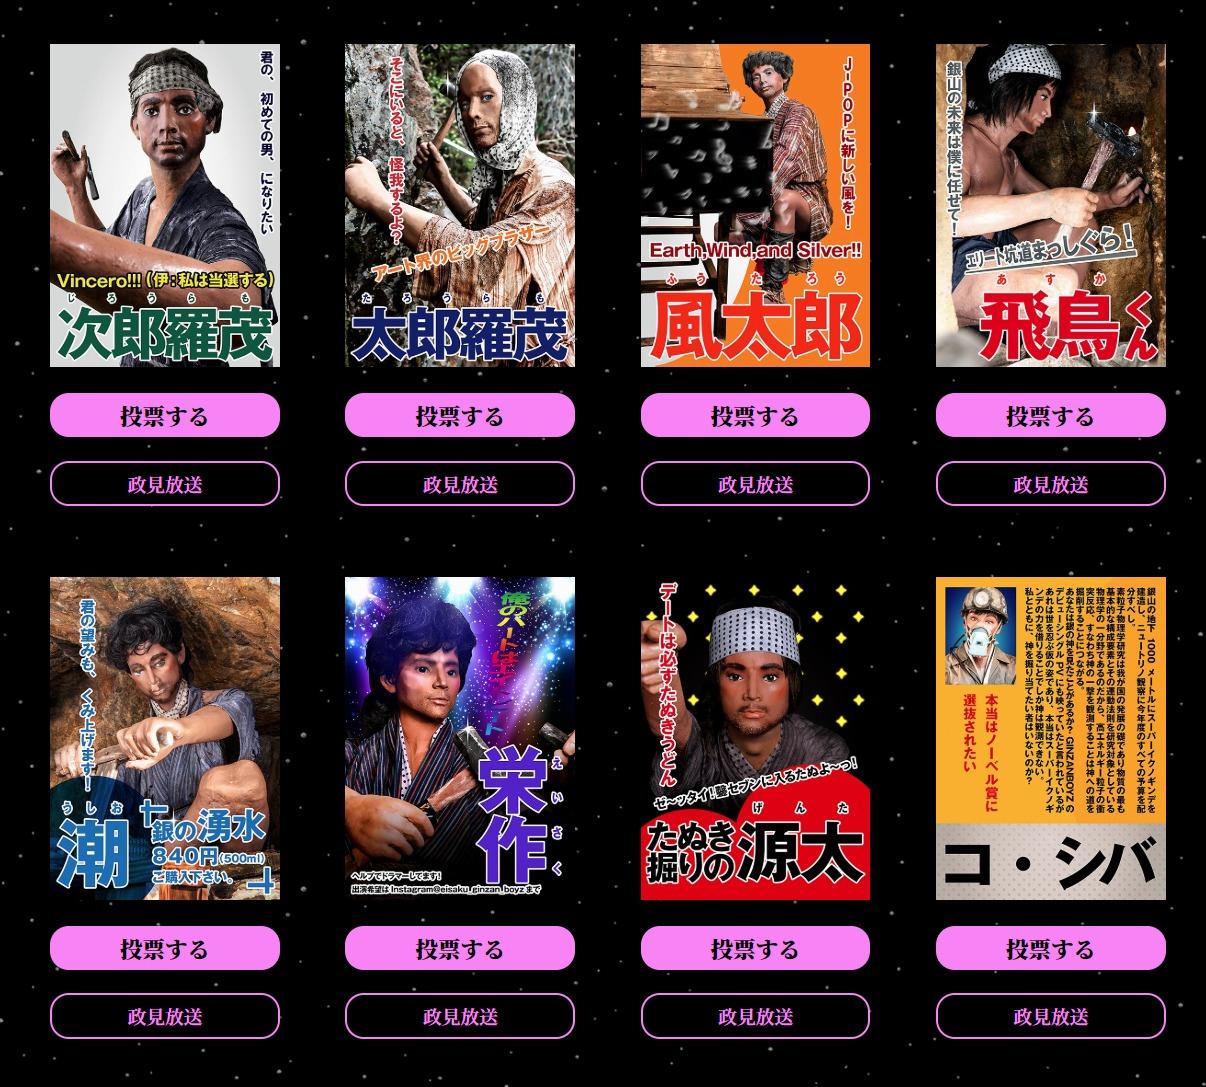 超スーパー地下アイドル「GINZAN BOYZ」選抜総選挙に「選挙は得意!」と豪語するShi☆Cho参戦 目指すはセンターか!?